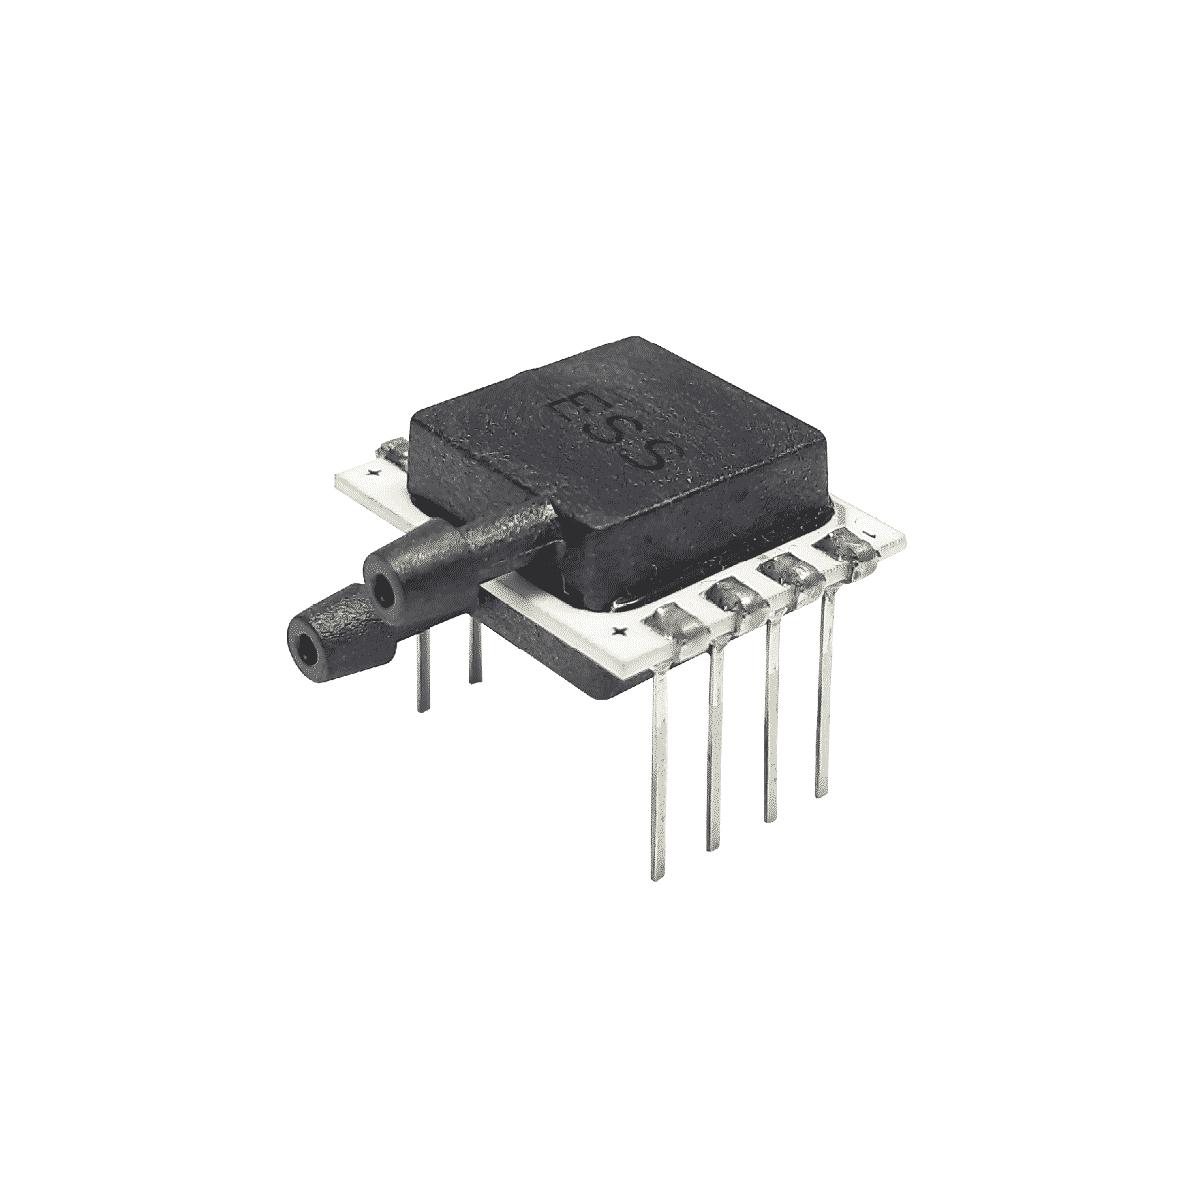 silicon capacitive pressure sensor